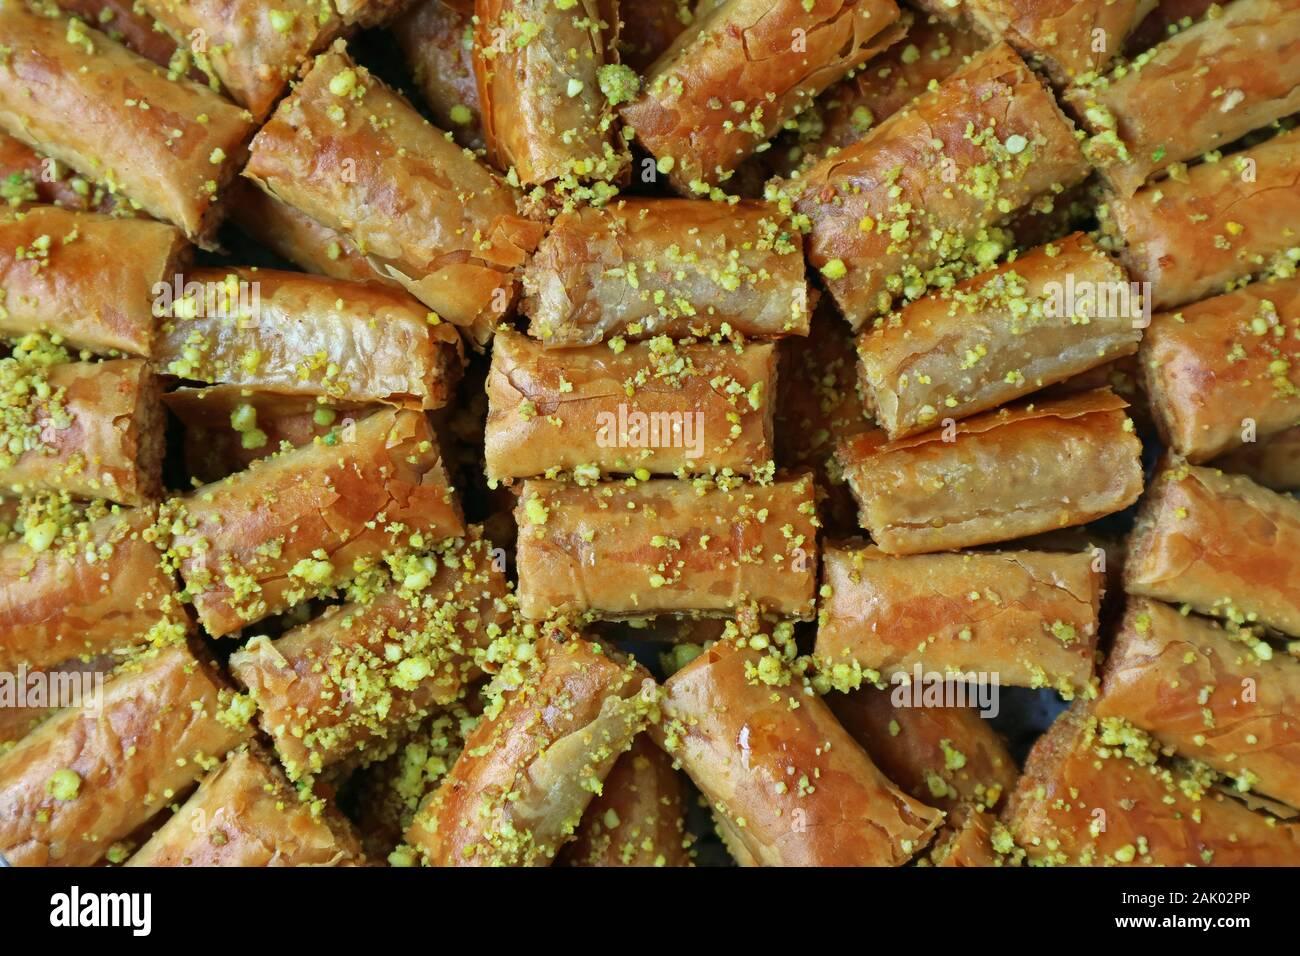 Vue de dessus du Baklava pâtisseries garnie de pistaches hachées Banque D'Images